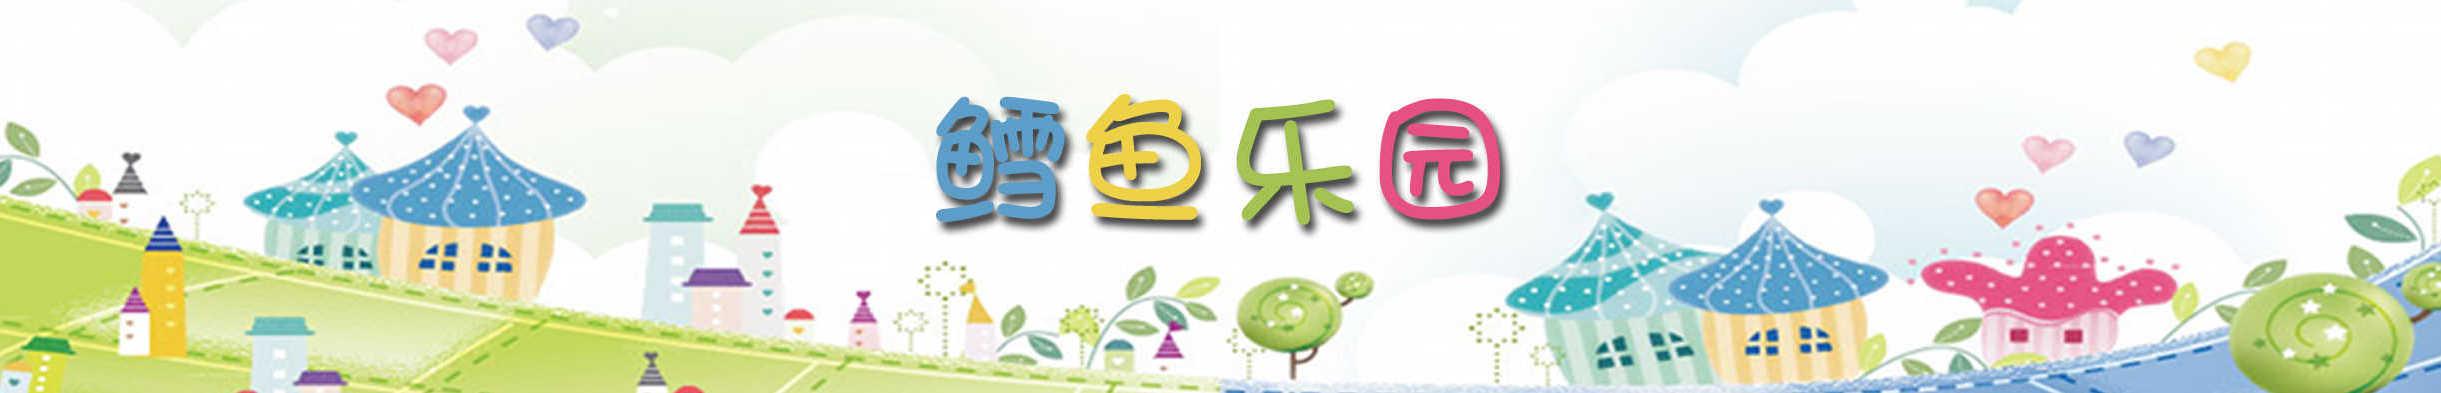 鳕鱼乐园 banner